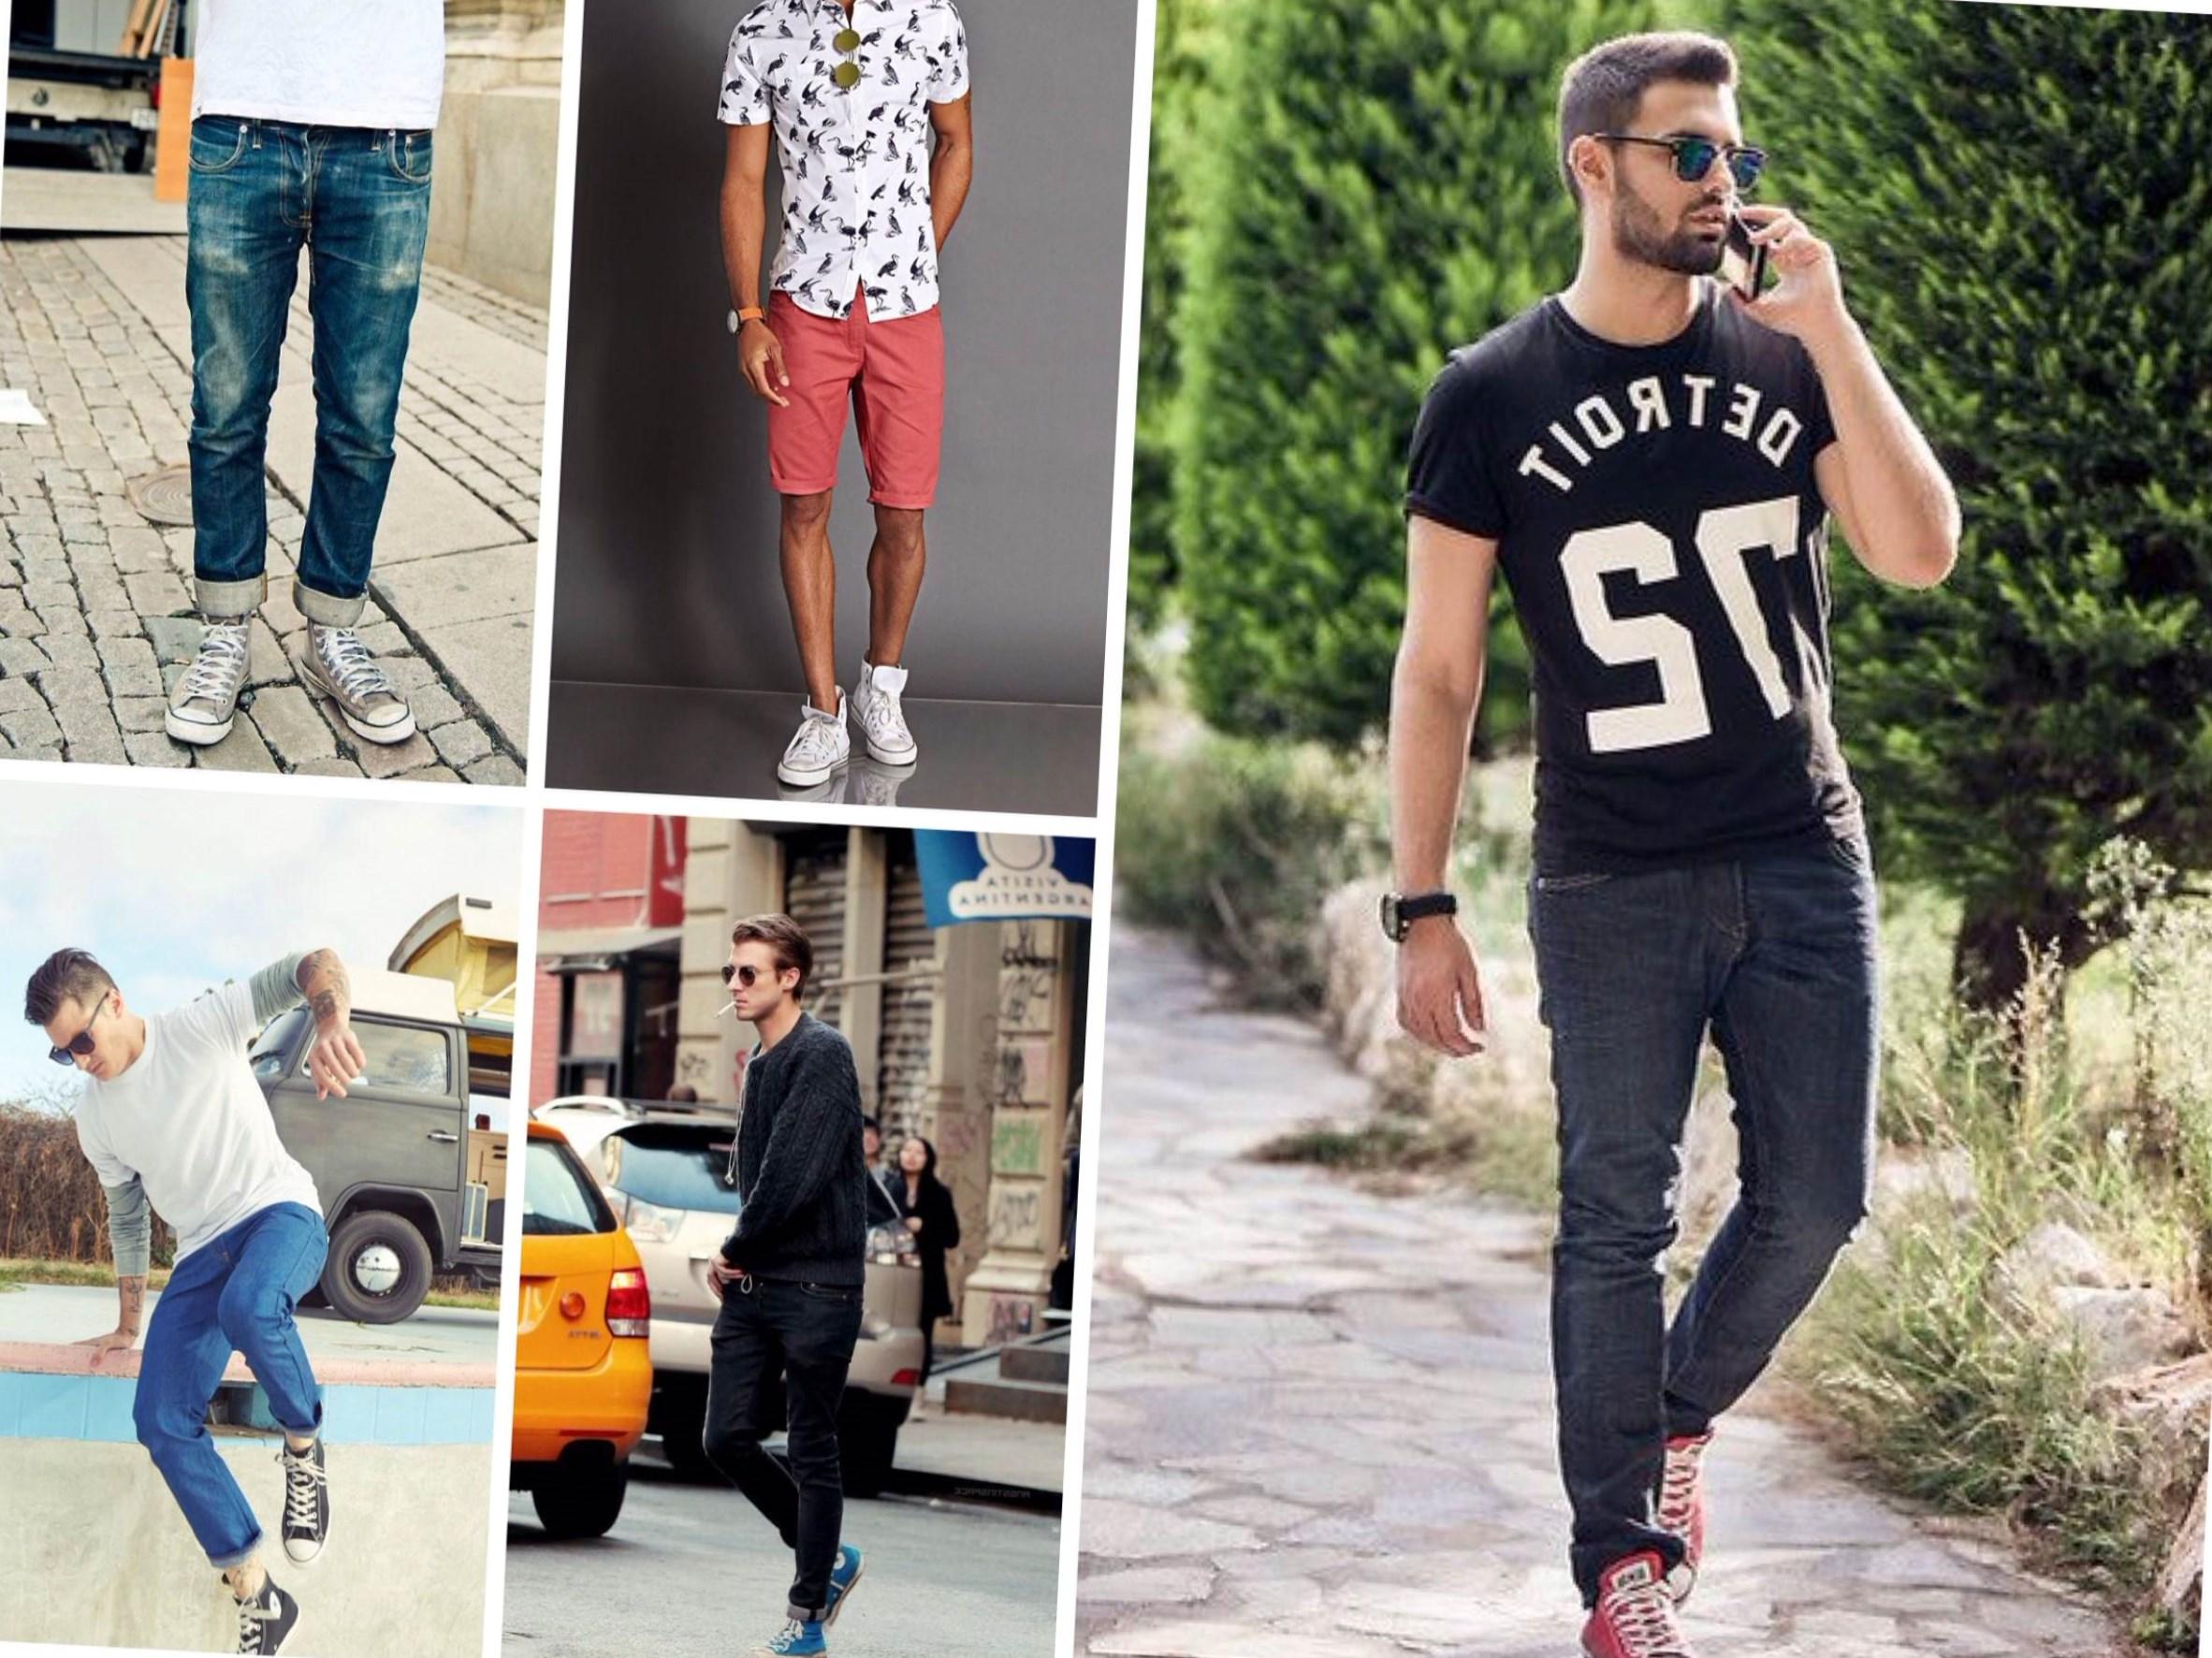 С чем носить белые кроссовки? С джинсами и легкими платьями, плиссированными юбками и кардиганами в стиле преппи, яркими объемными пальто, трикотажными юбками-миди и жизнерадостными свитшотами — выбор за вами.